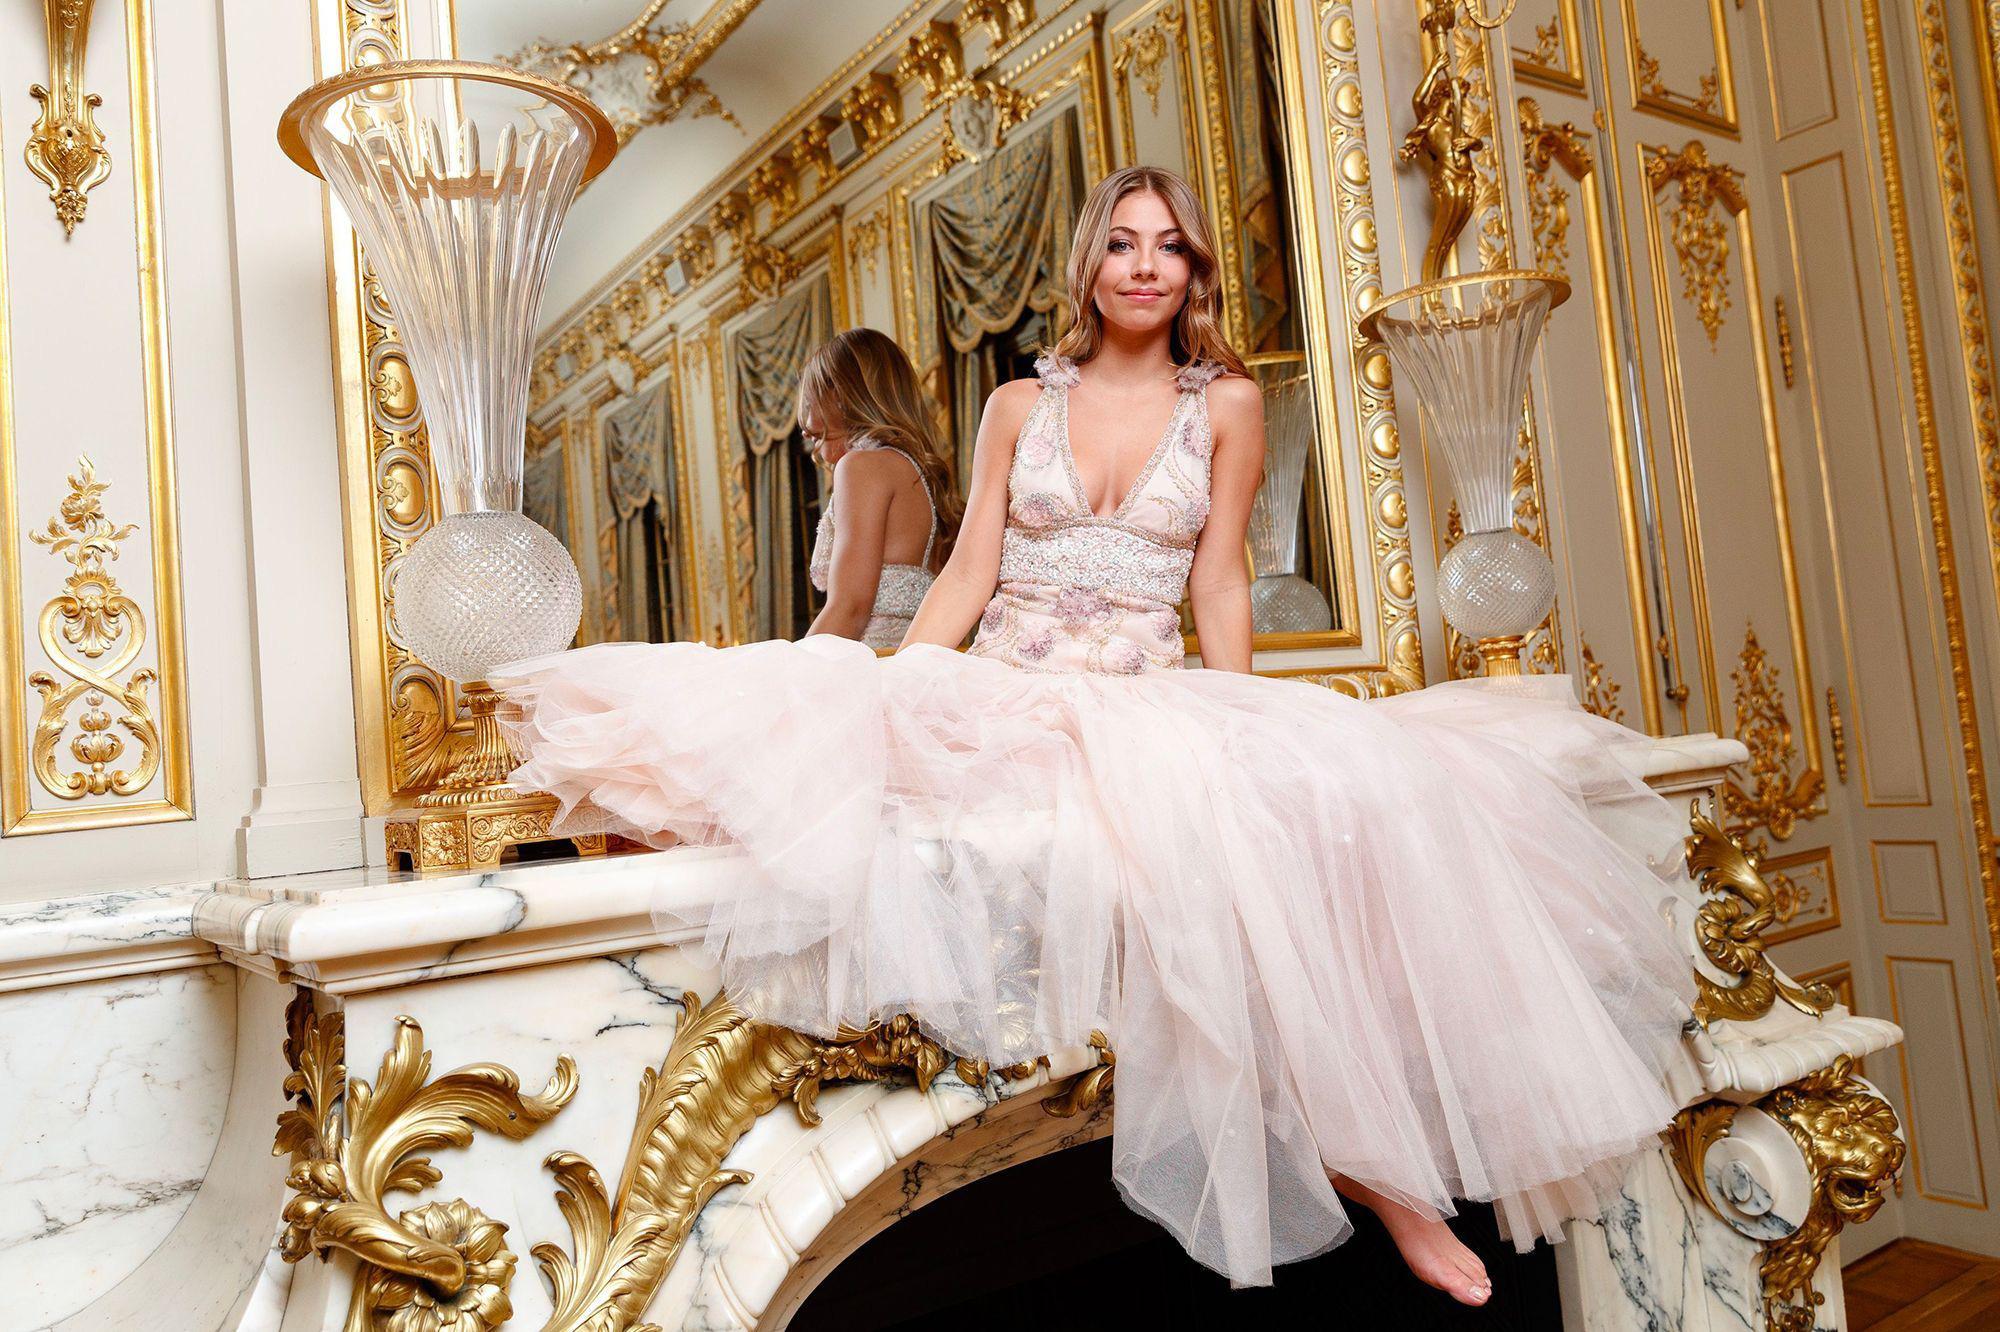 Hội tiểu thư nhà siêu giàu thế giới lên đồ đi dự tiệc xa hoa, ai cũng váy áo lộng lẫy đến choáng ngợp - Ảnh 8.